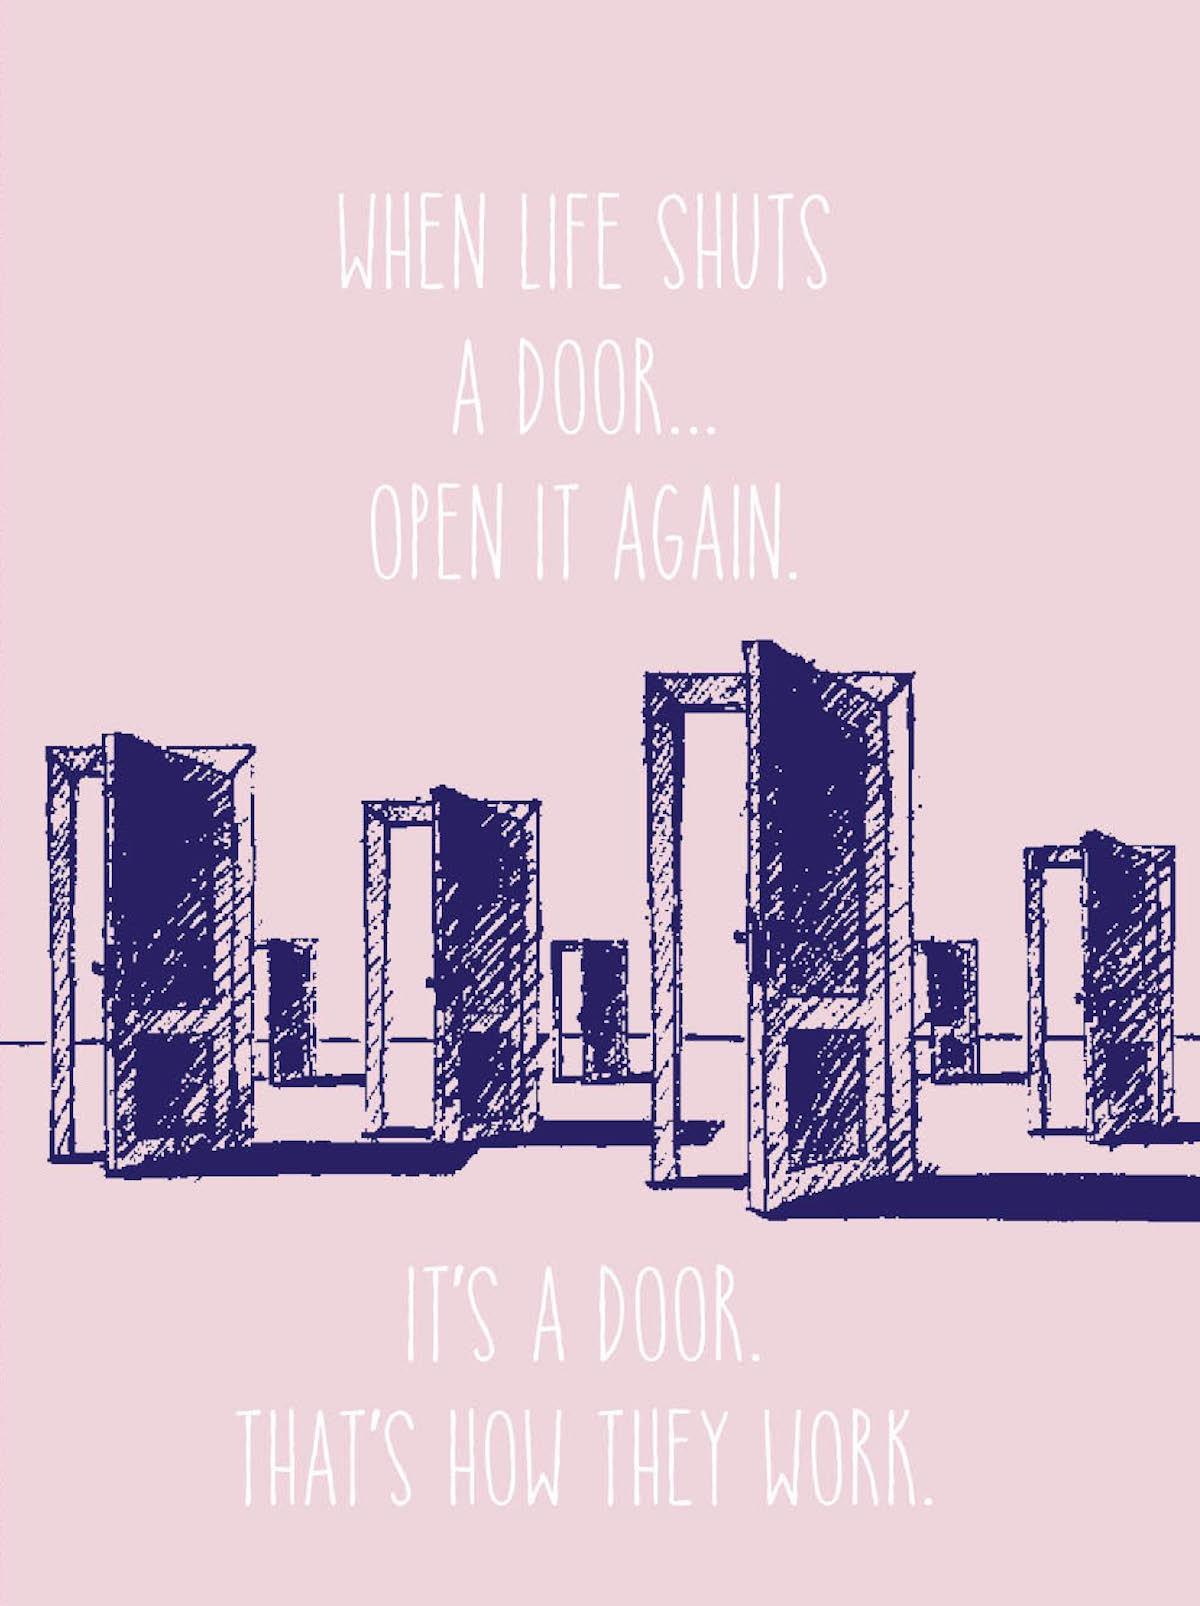 Spreuk van de week: When life shuts a door, open it again. It's a door. That's how they work